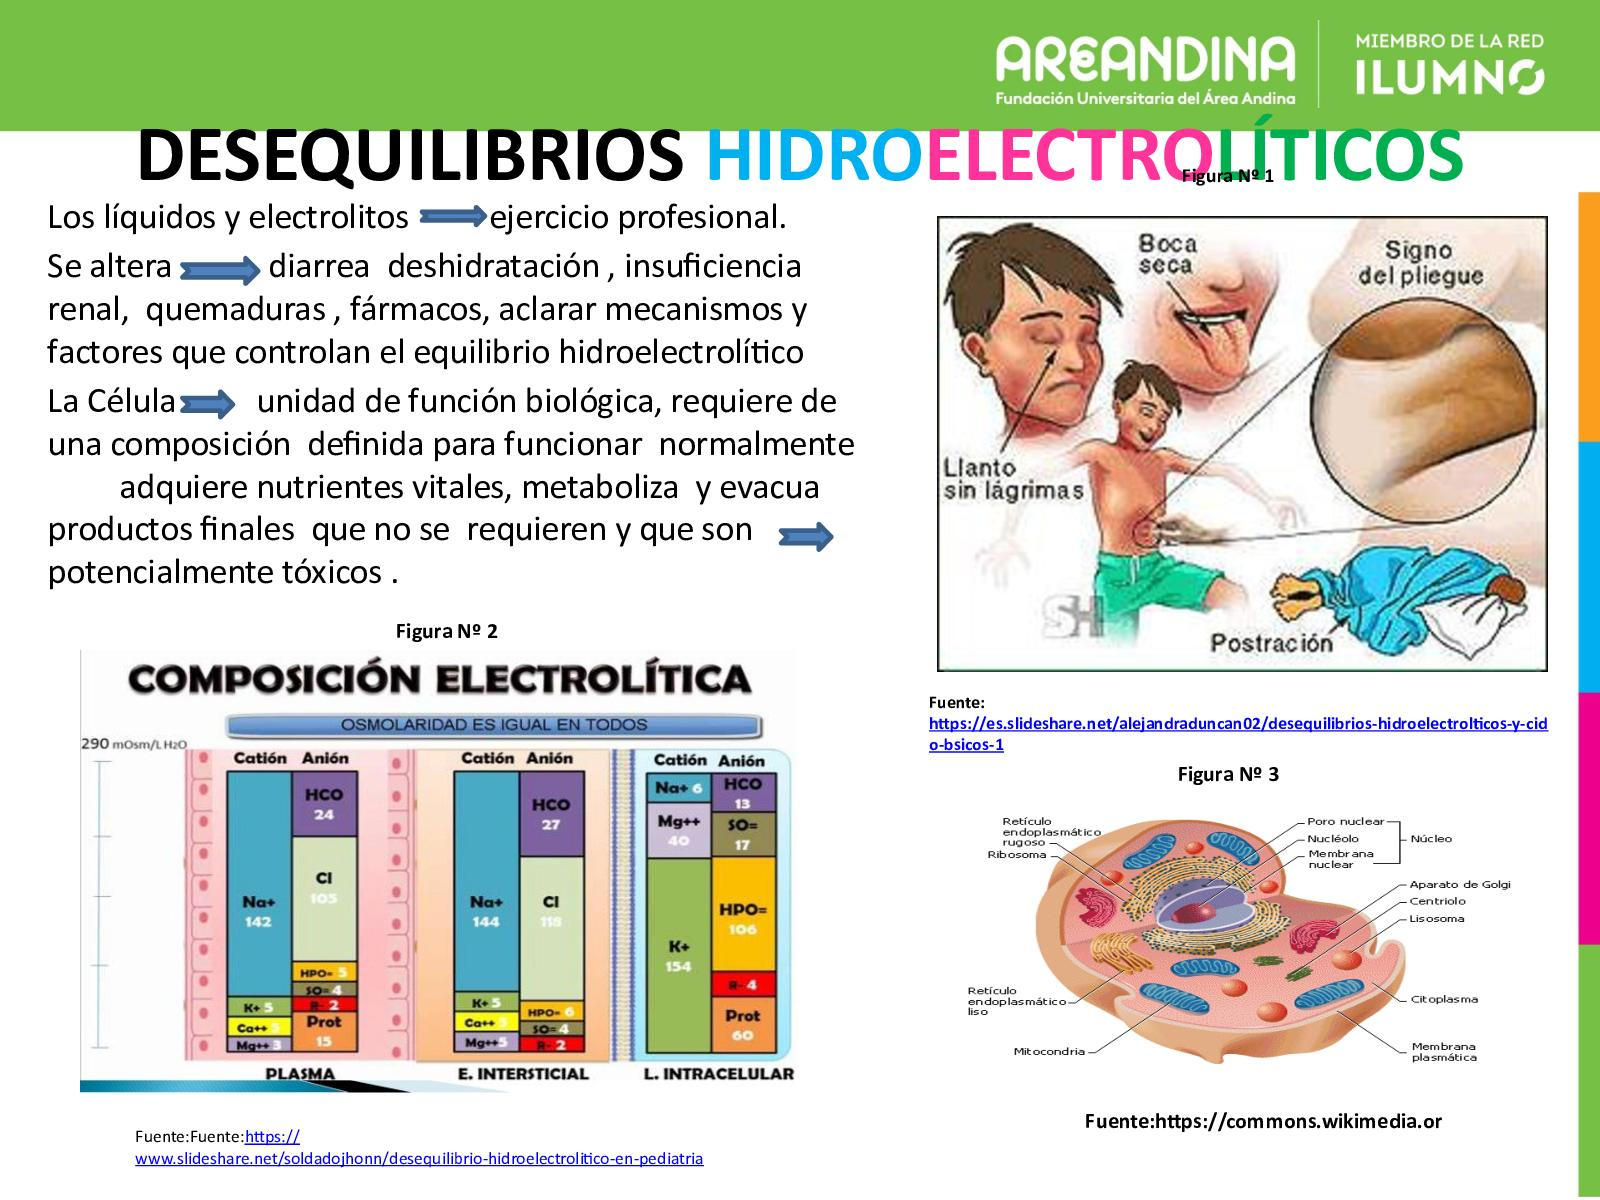 desequilibrio hidroelectrolitico signos y sintomas pdf